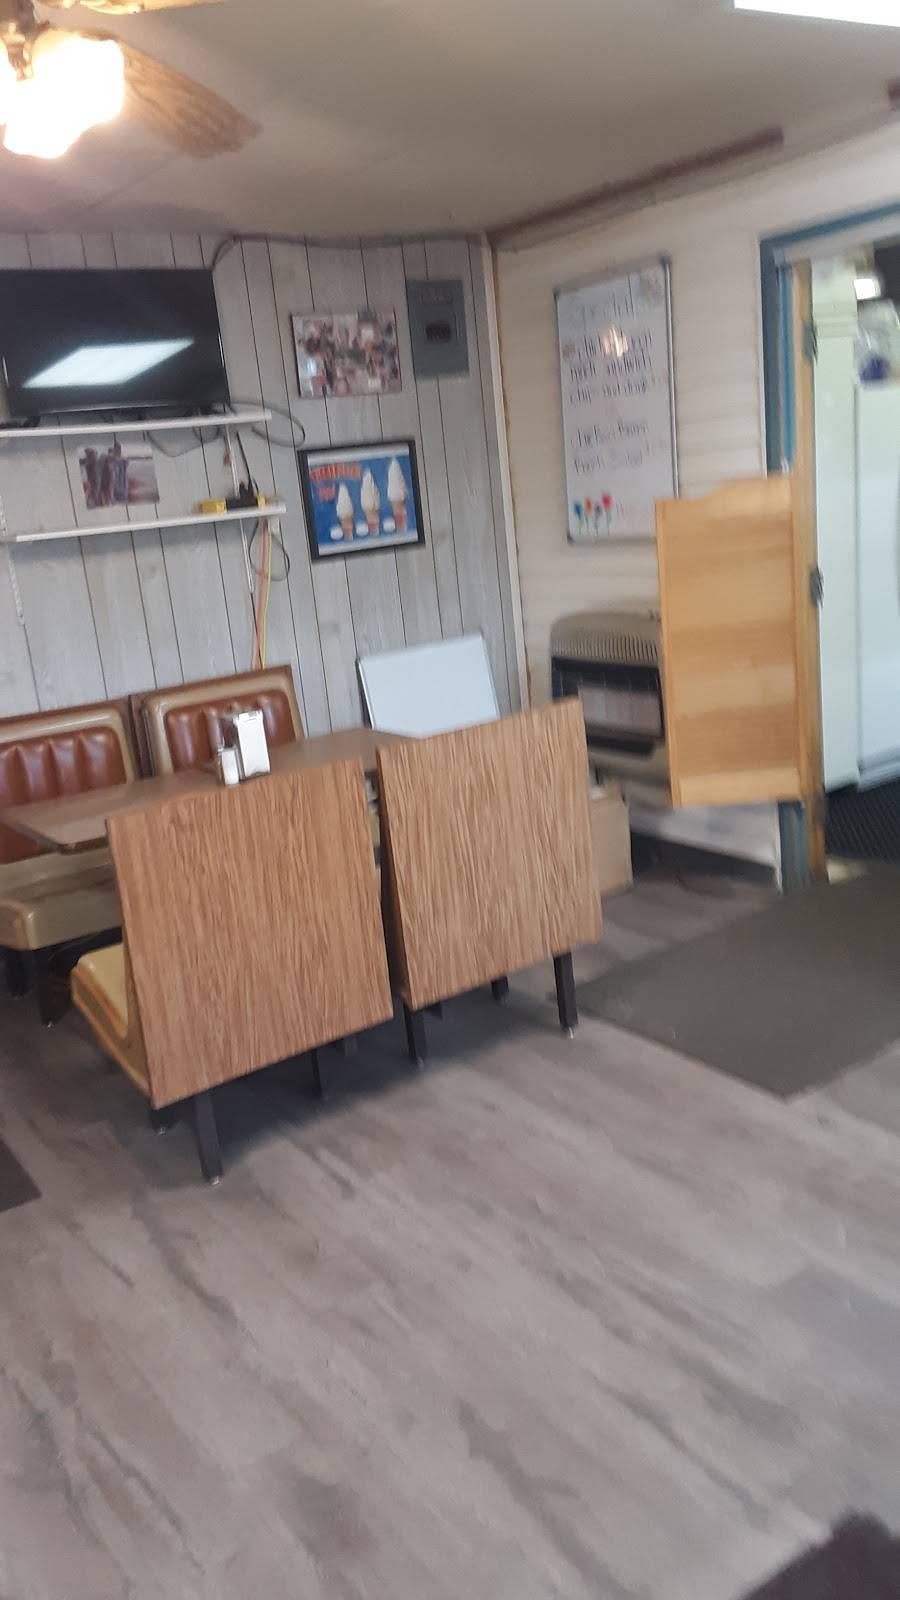 Craigsville Dairy Bar   restaurant   5 Wyatt Run Dr, Craigsville, WV 26205, USA   3047425440 OR +1 304-742-5440